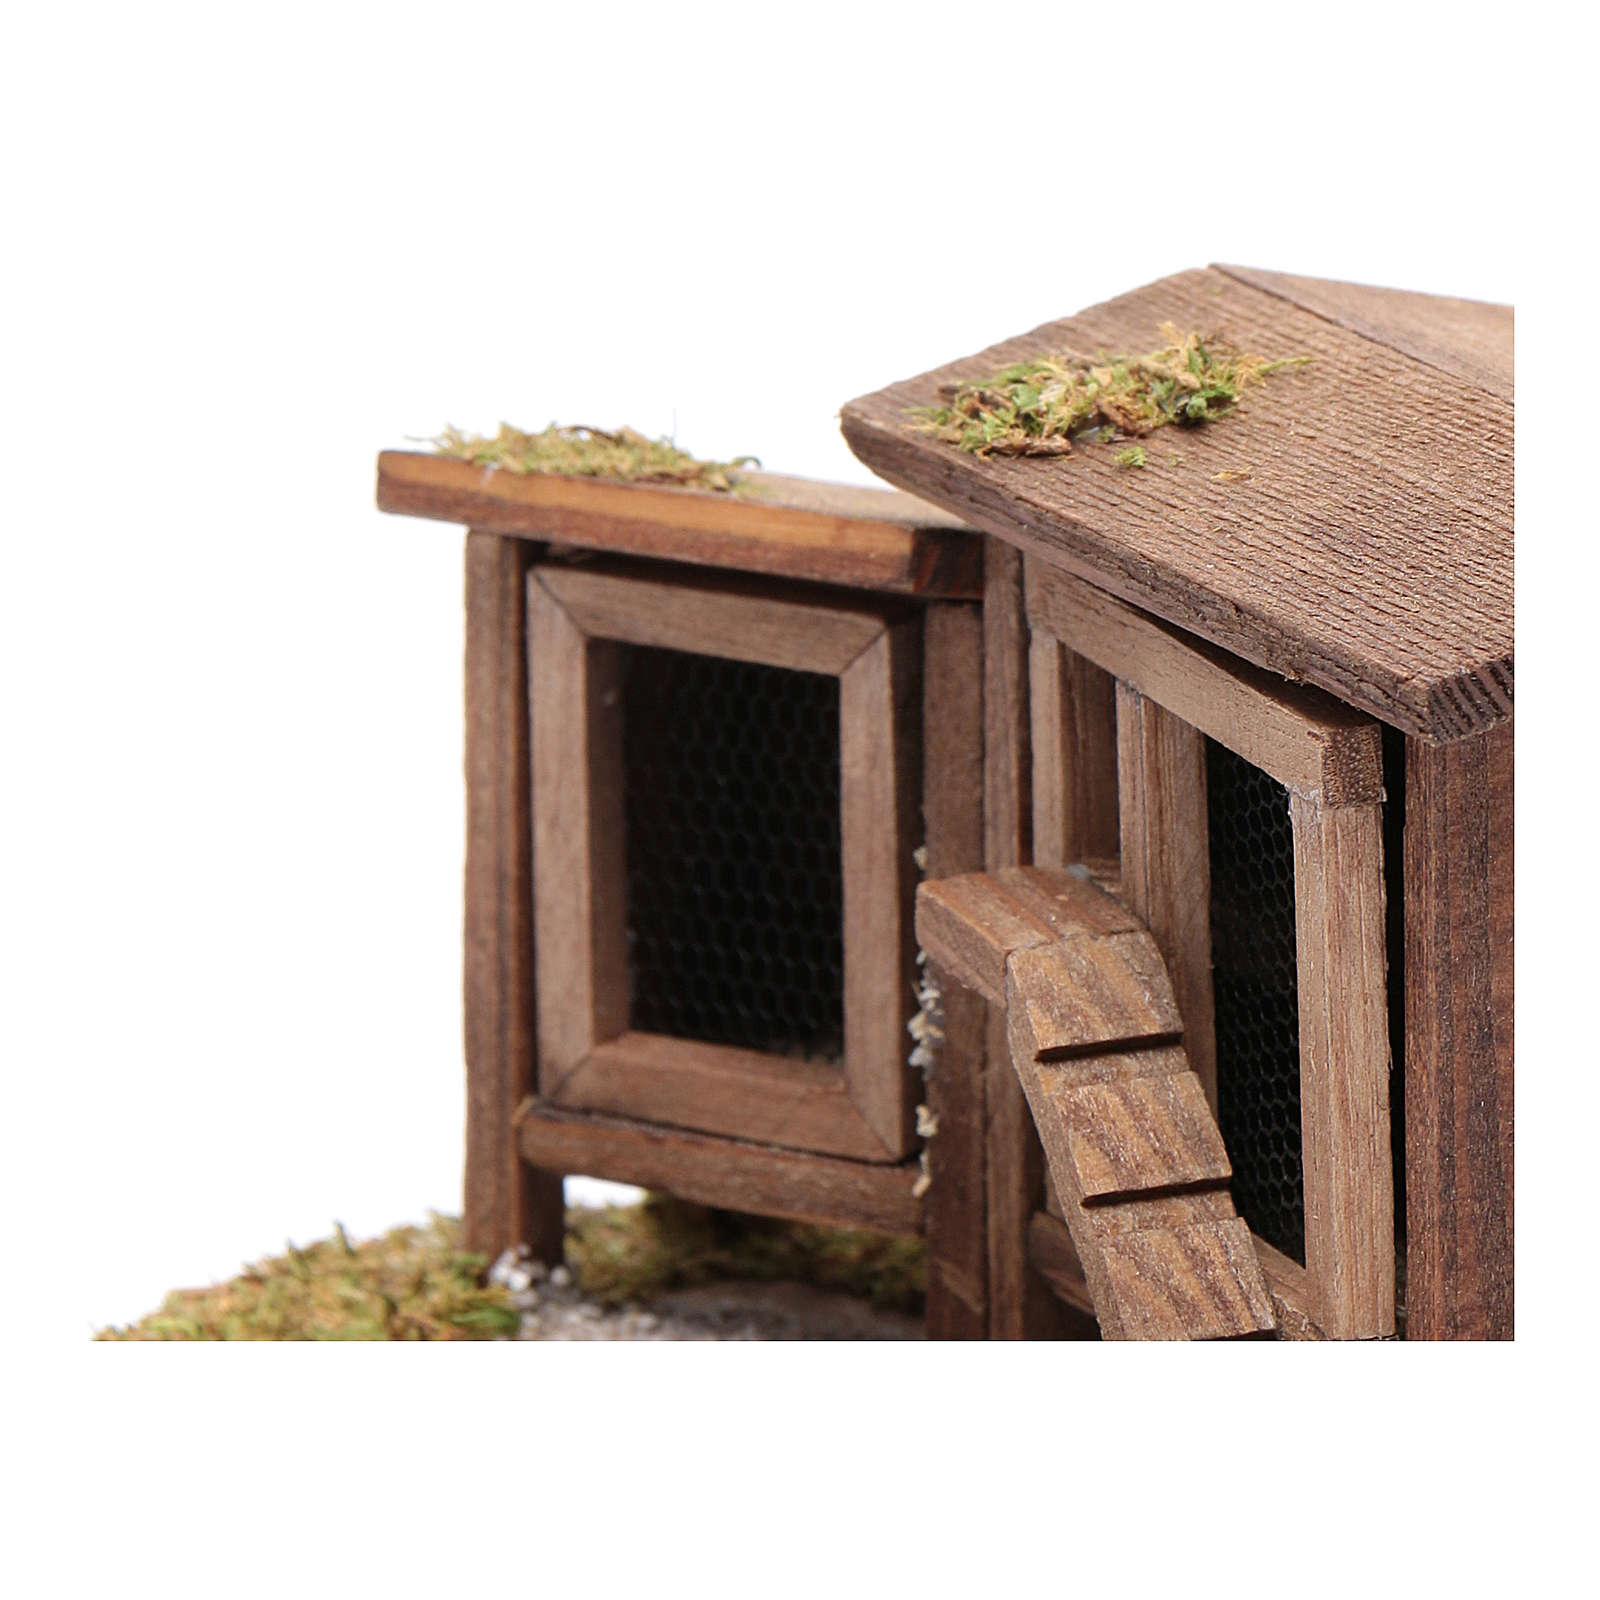 Abri pour poules et lapins 7x13,8x10 cm 3